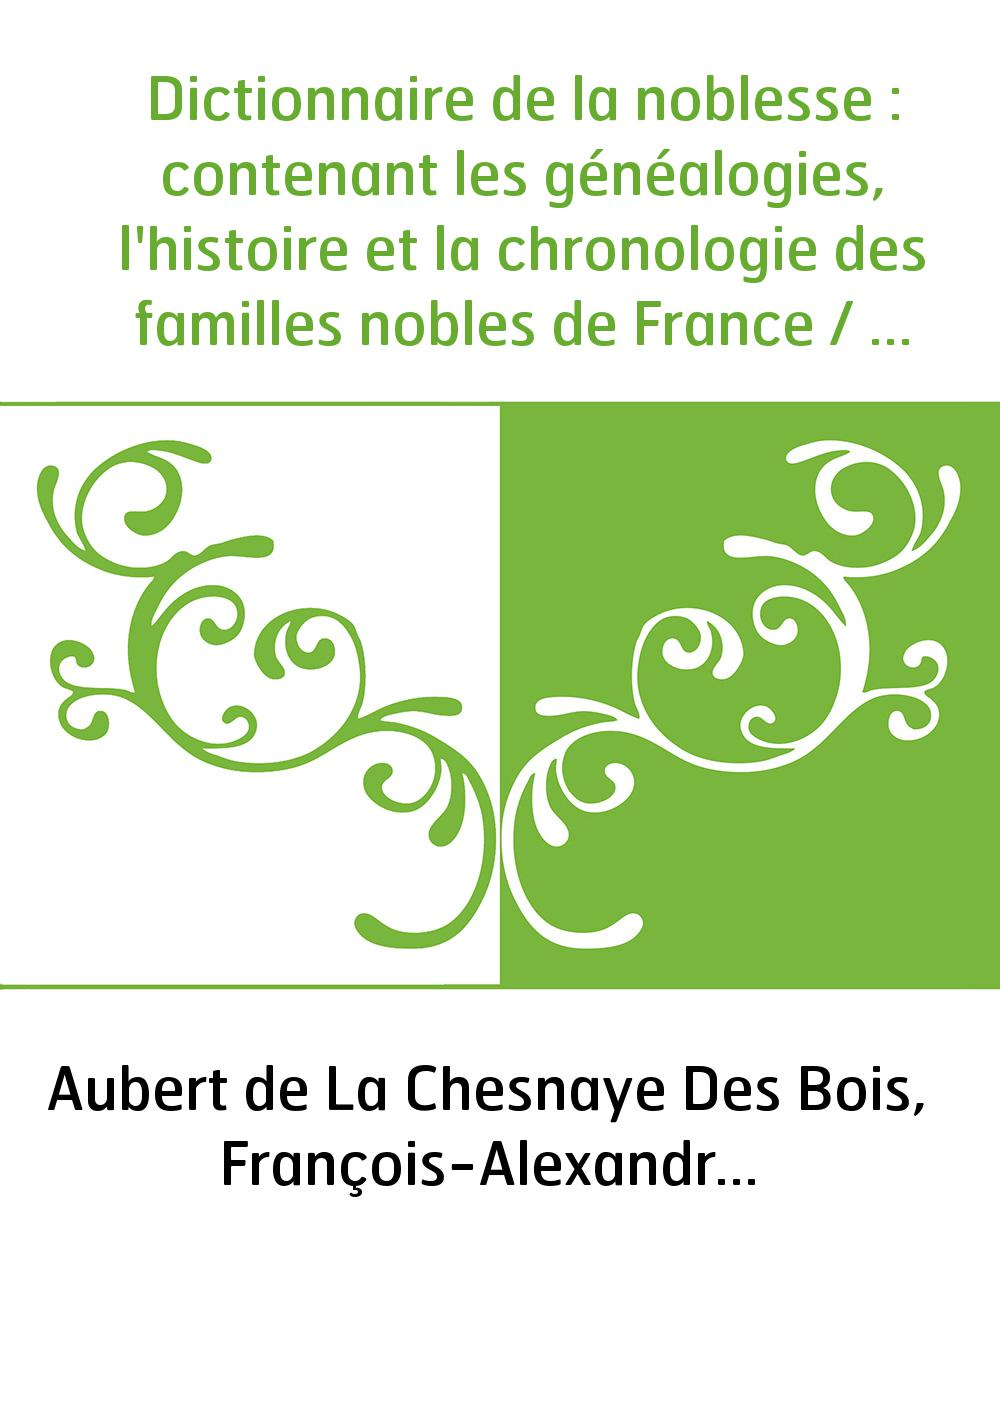 Dictionnaire de la noblesse : contenant les généalogies, l'histoire et la chronologie des familles nobles de France / par de La